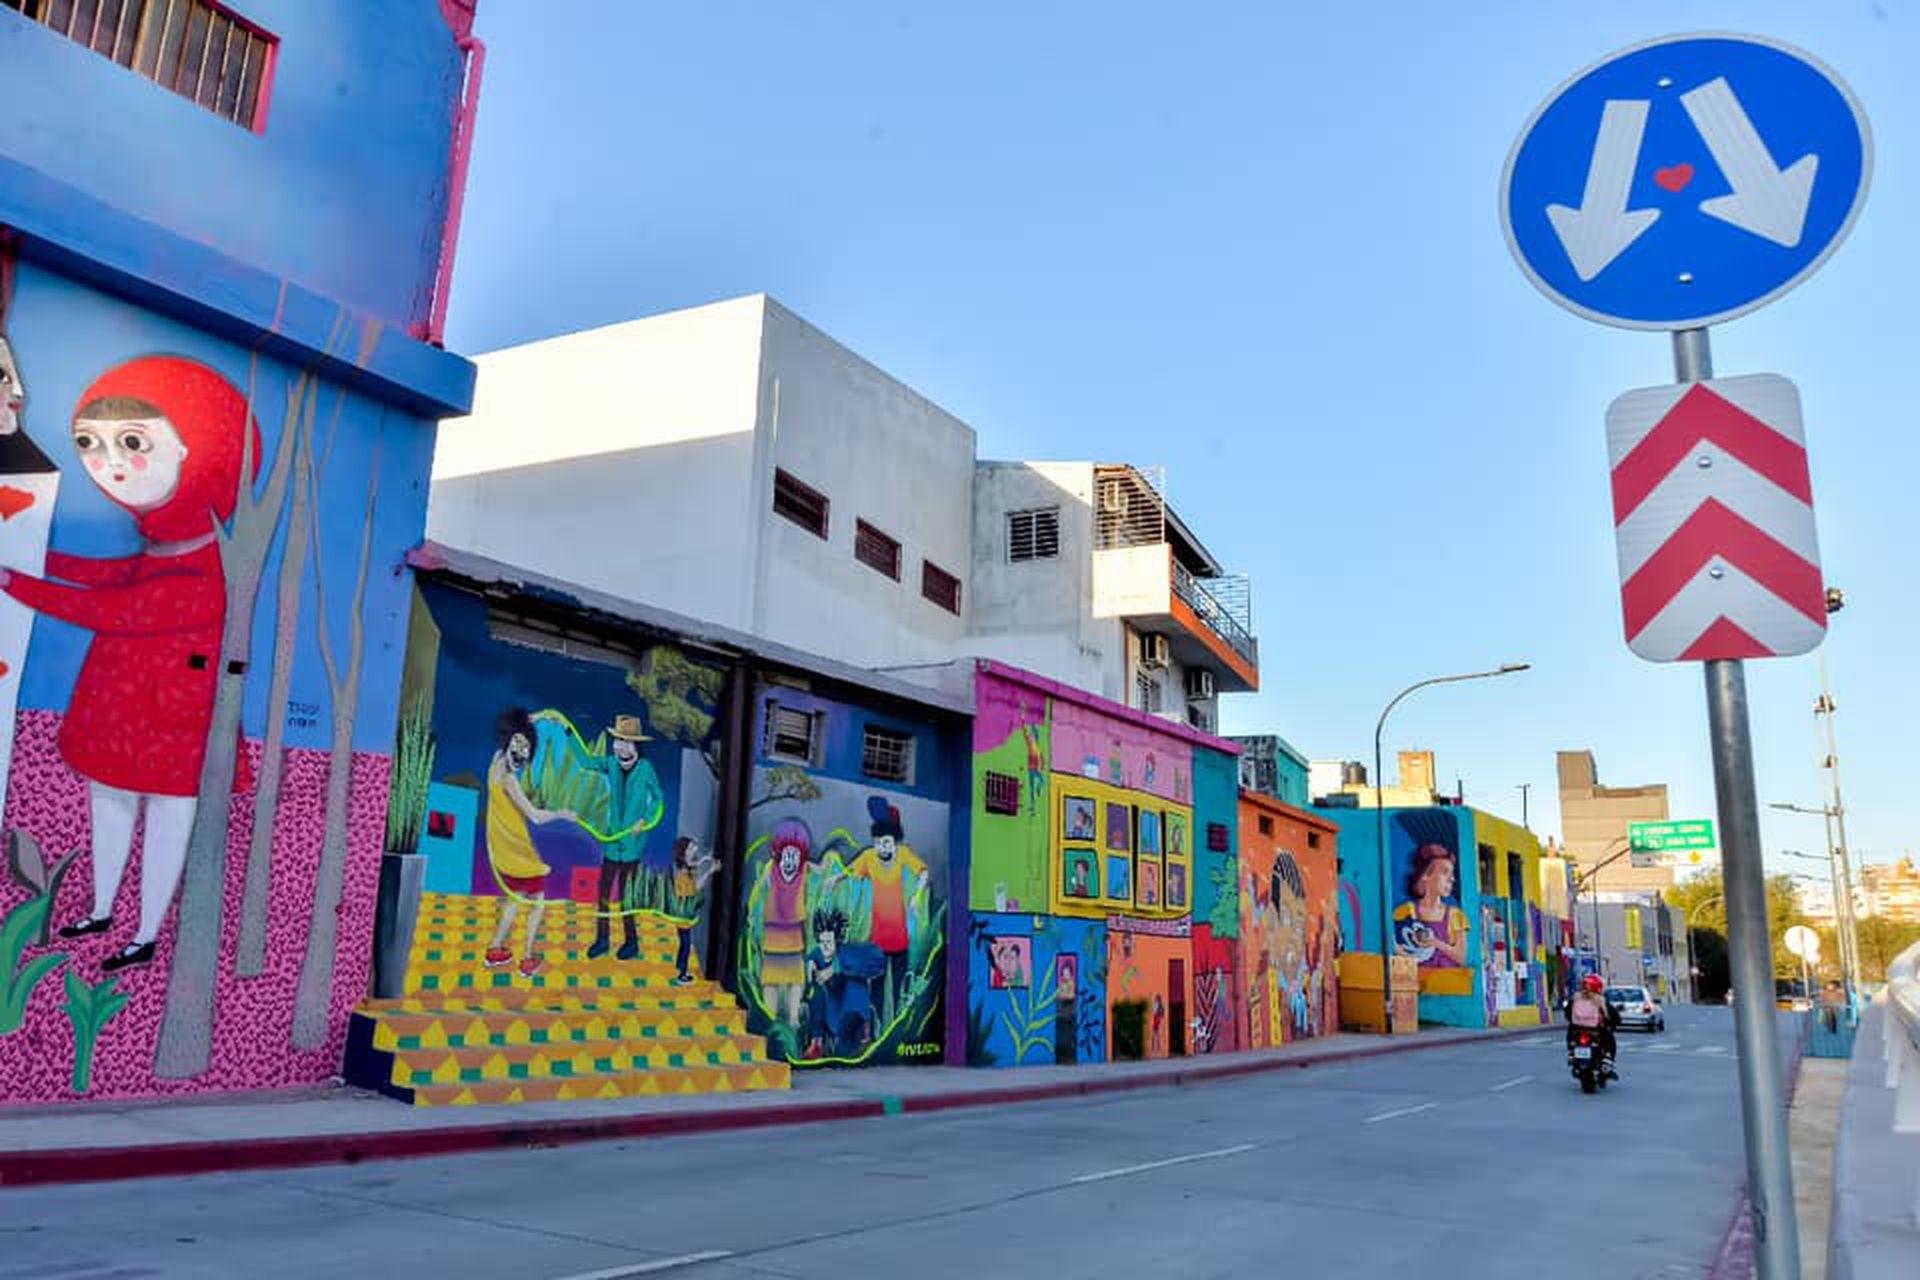 Los murales están relacionados con el concepto de vecindario y ciudad